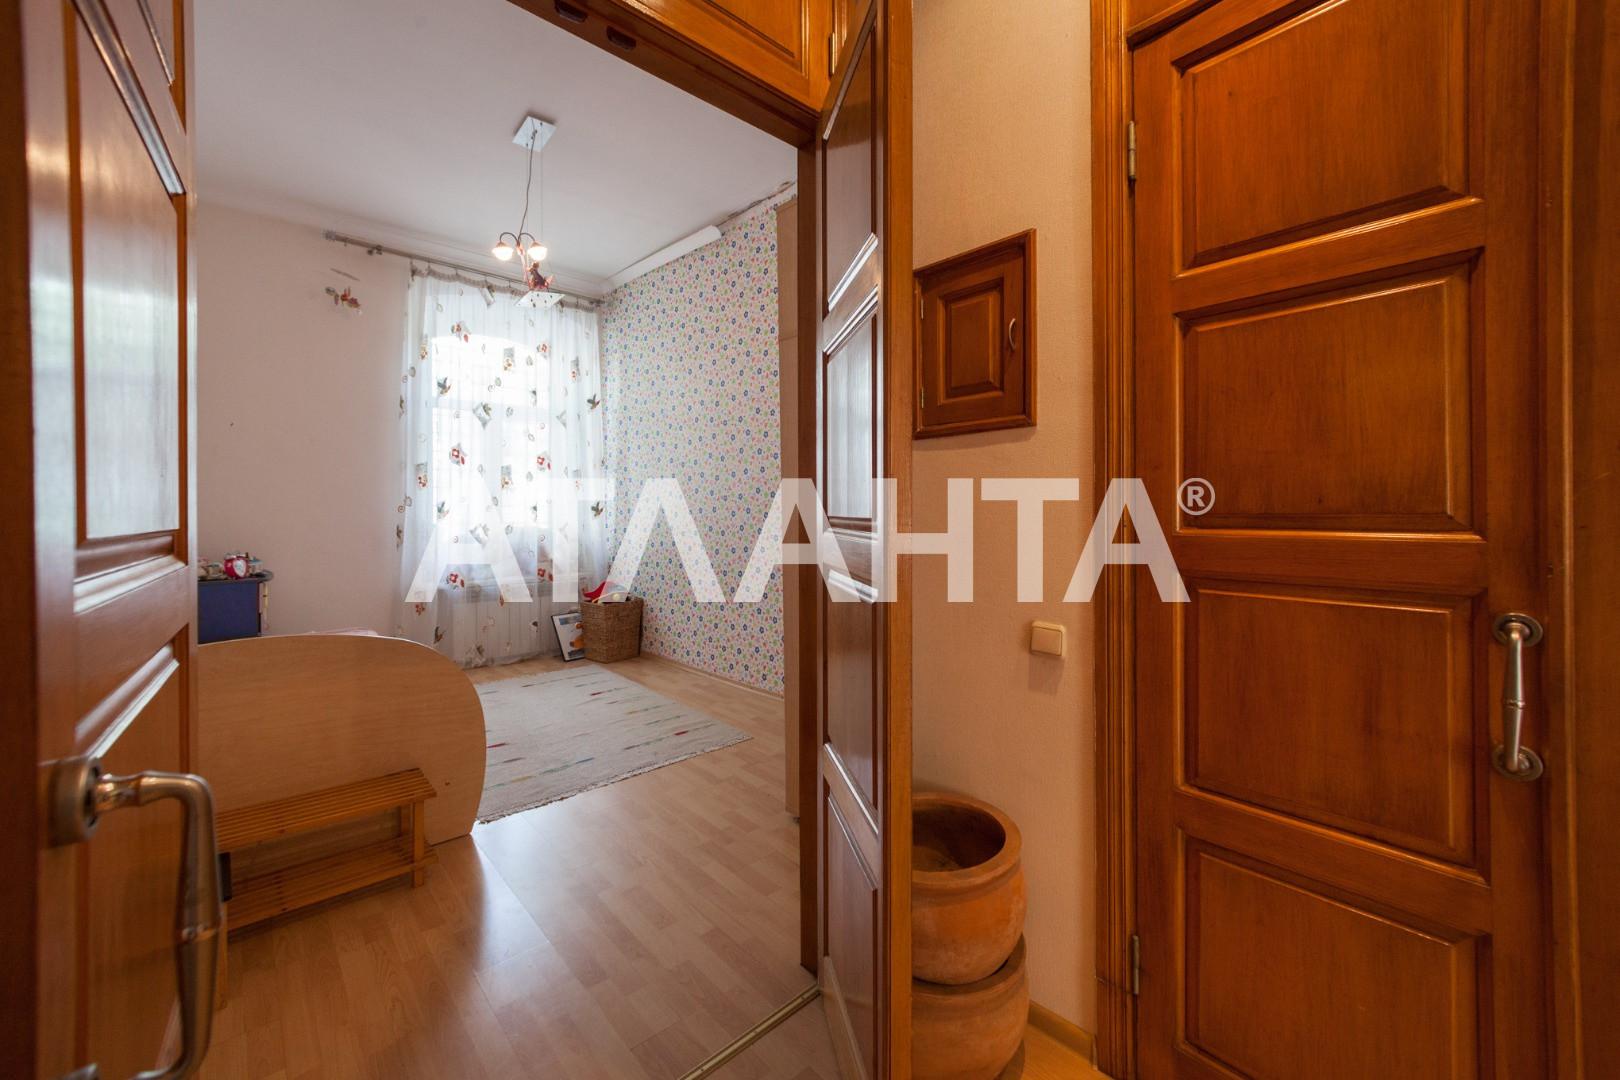 Продается 3-комнатная Квартира на ул. Военный Сп. (Жанны Лябурб Сп.) — 95 000 у.е. (фото №14)